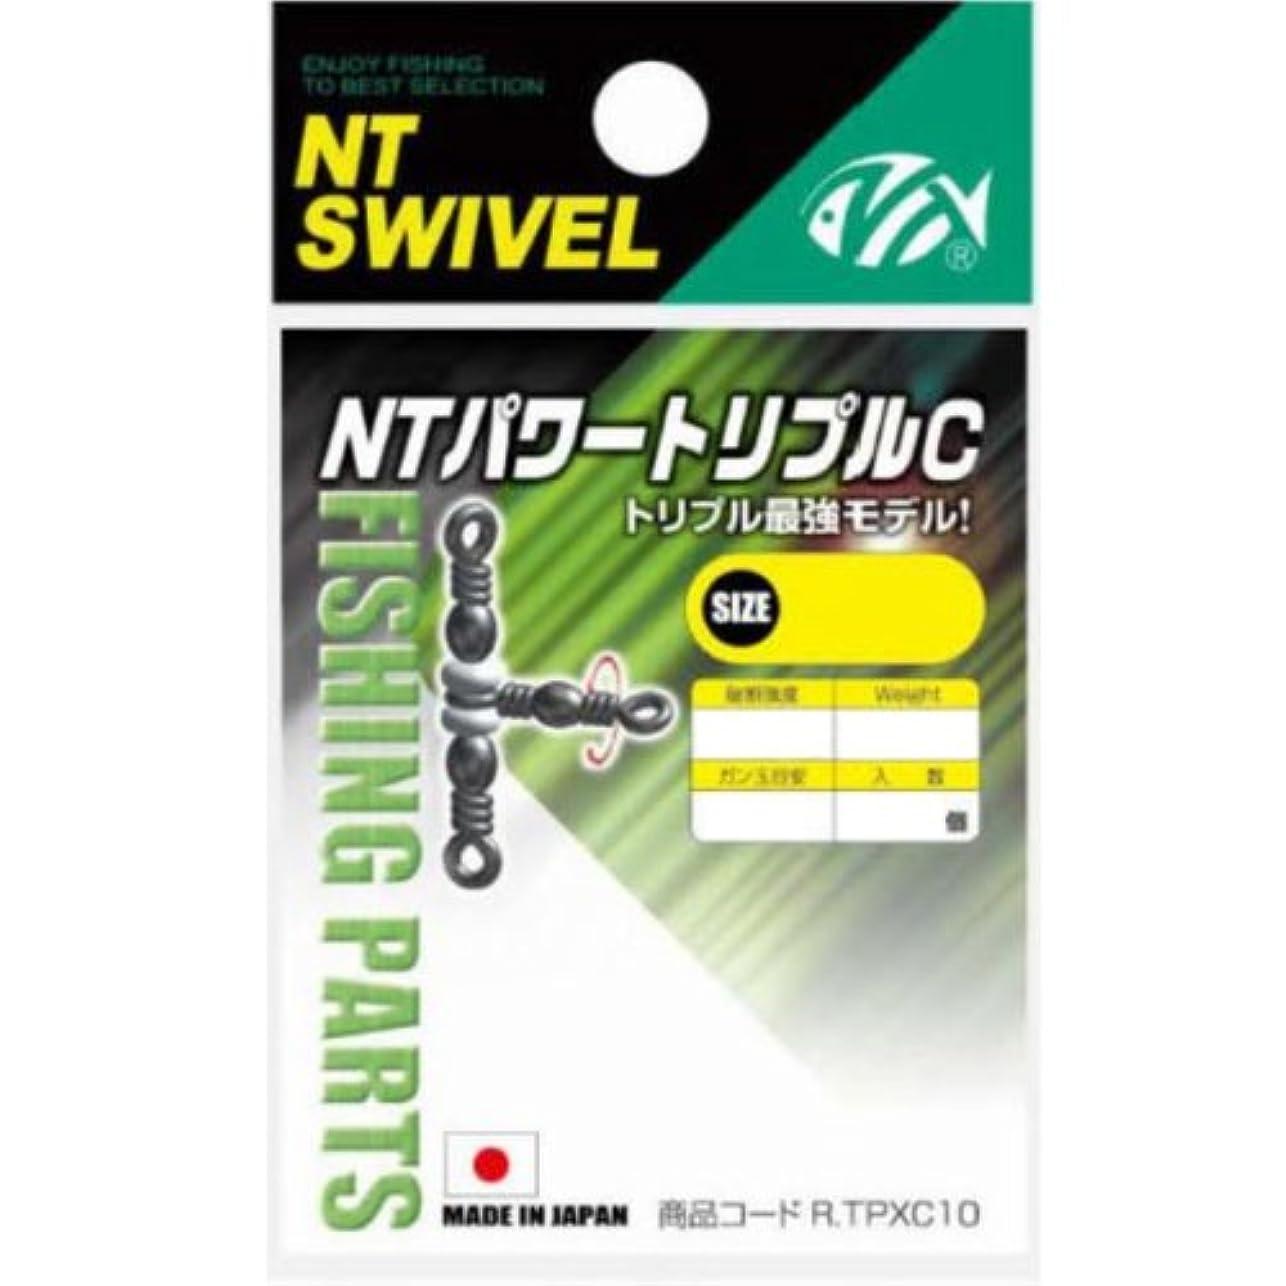 知っているに立ち寄る木曜日ソートNTスイベル(N.T.SWIVEL) NTパワートリプル C-タイプ #10